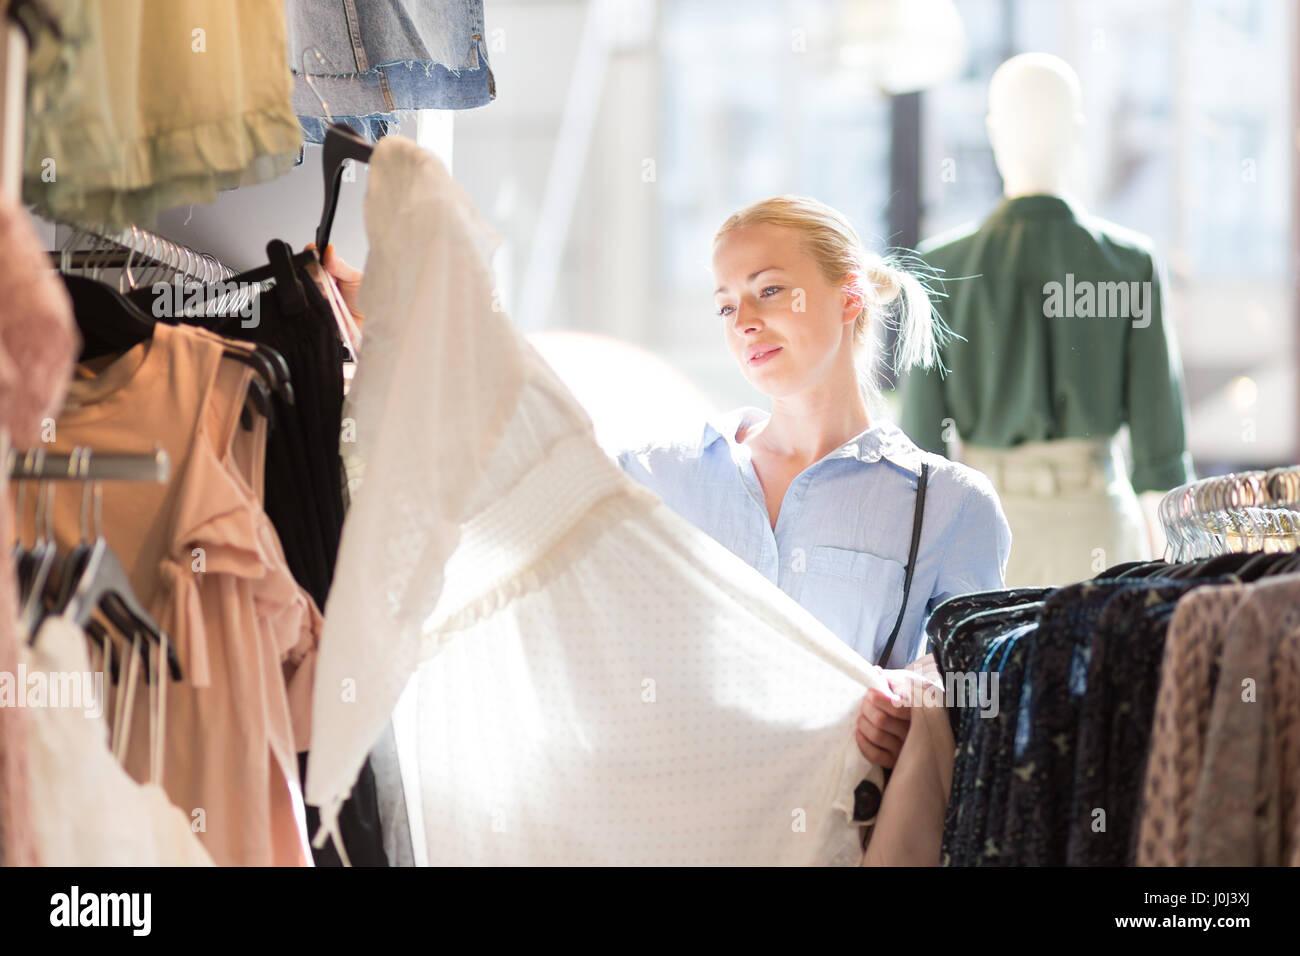 Bella mujer comprar ropa de moda en la tienda de ropa. Foto de stock